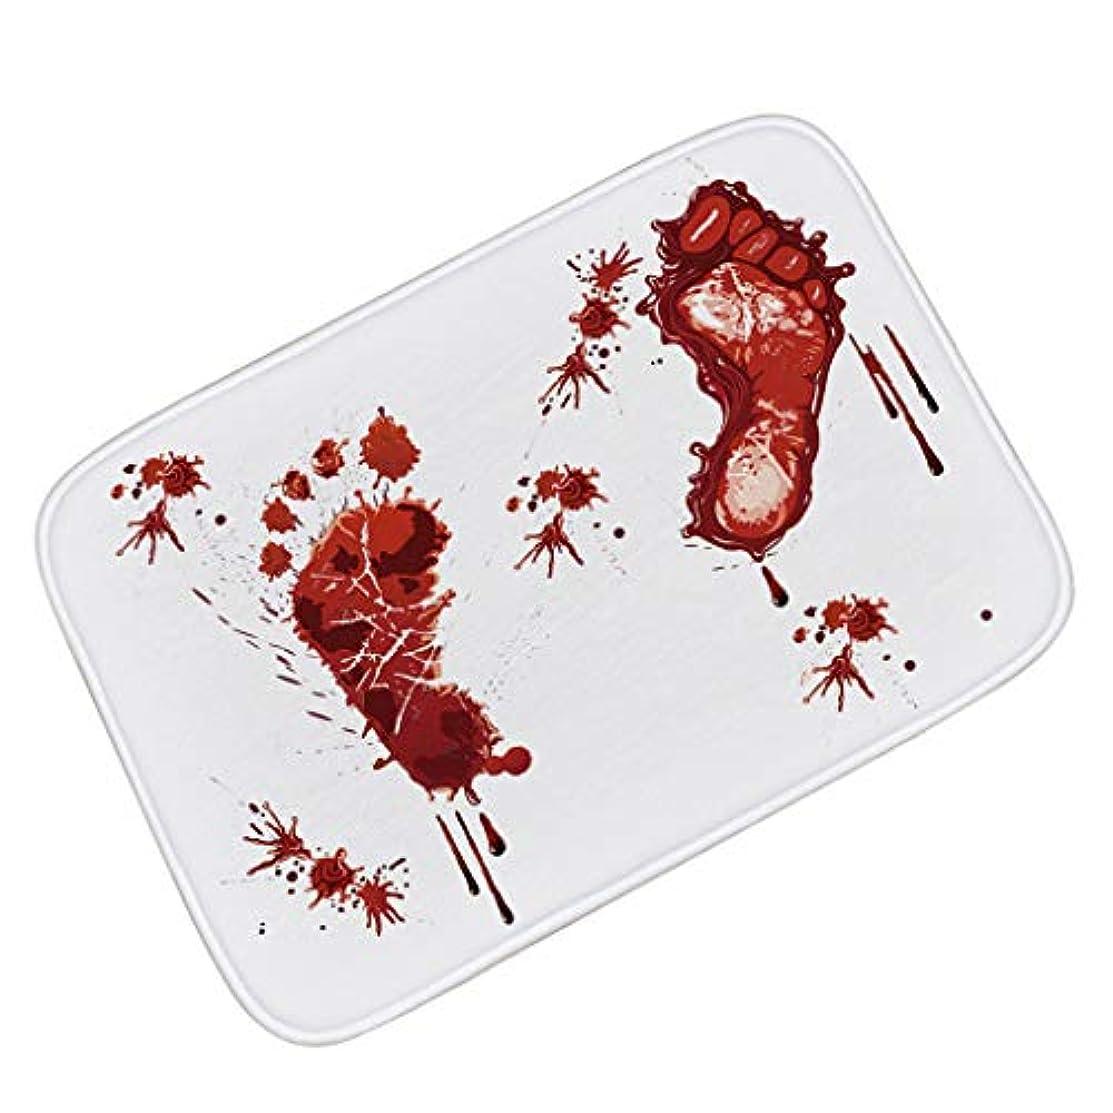 突き出す回転上向きハロウィーンの装飾のマット、血の足跡のスリップ防止マットのホラー血まみれのドアのマット (Color : 50*80CM)